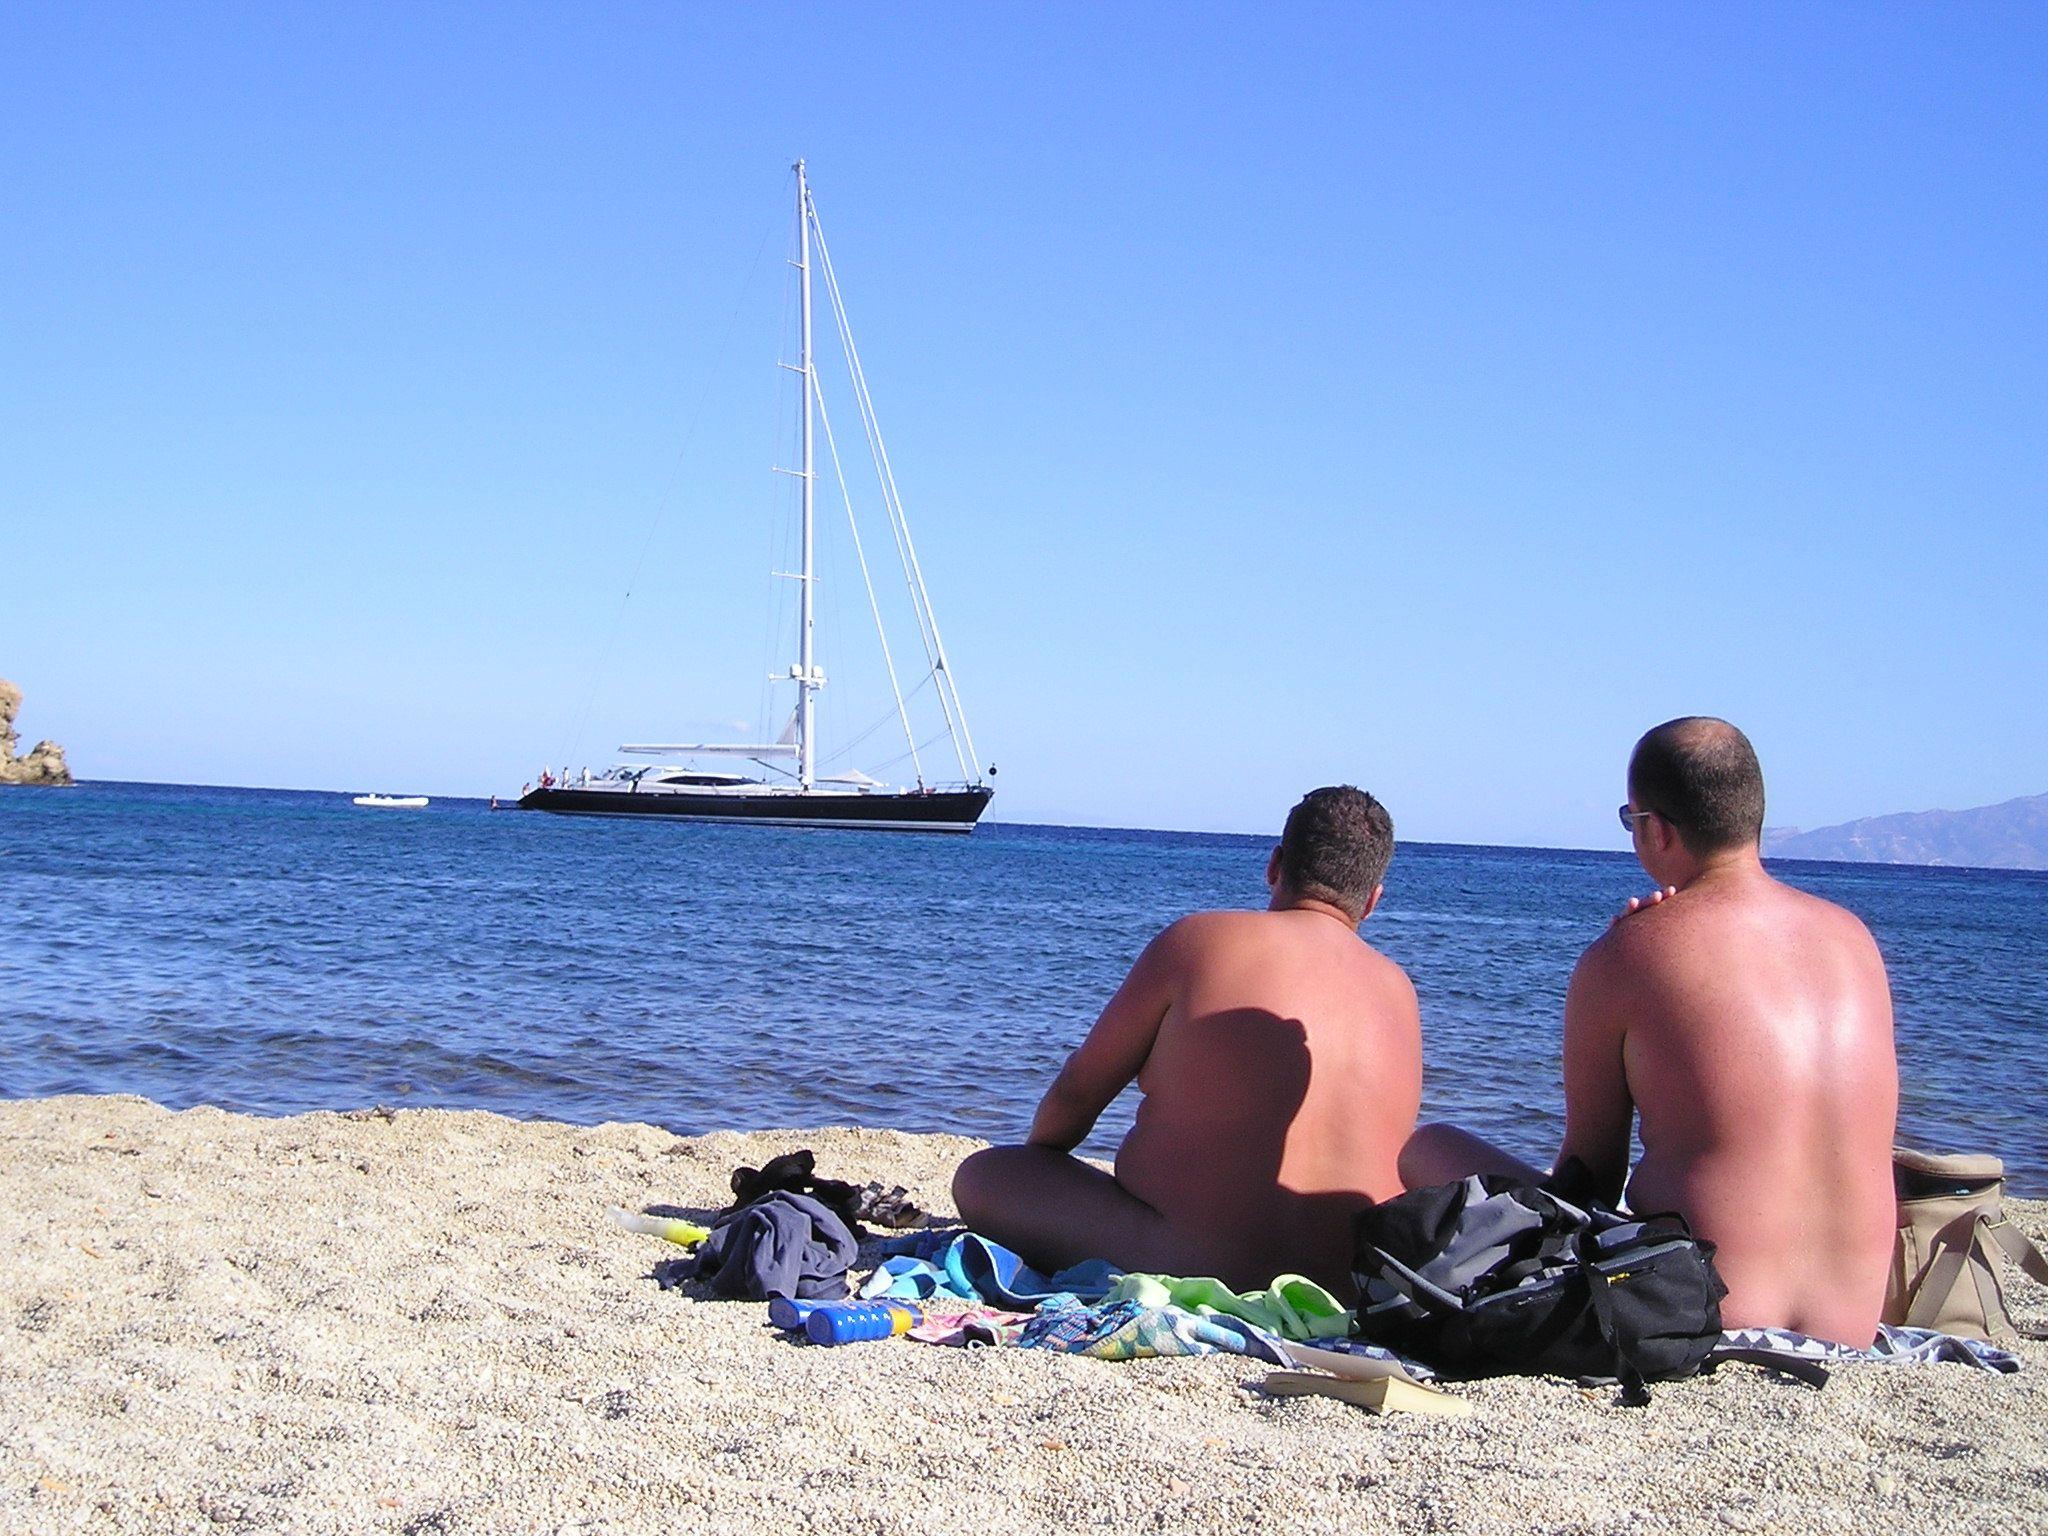 Der FKK-Strand als etablierter Ort des Naturismus